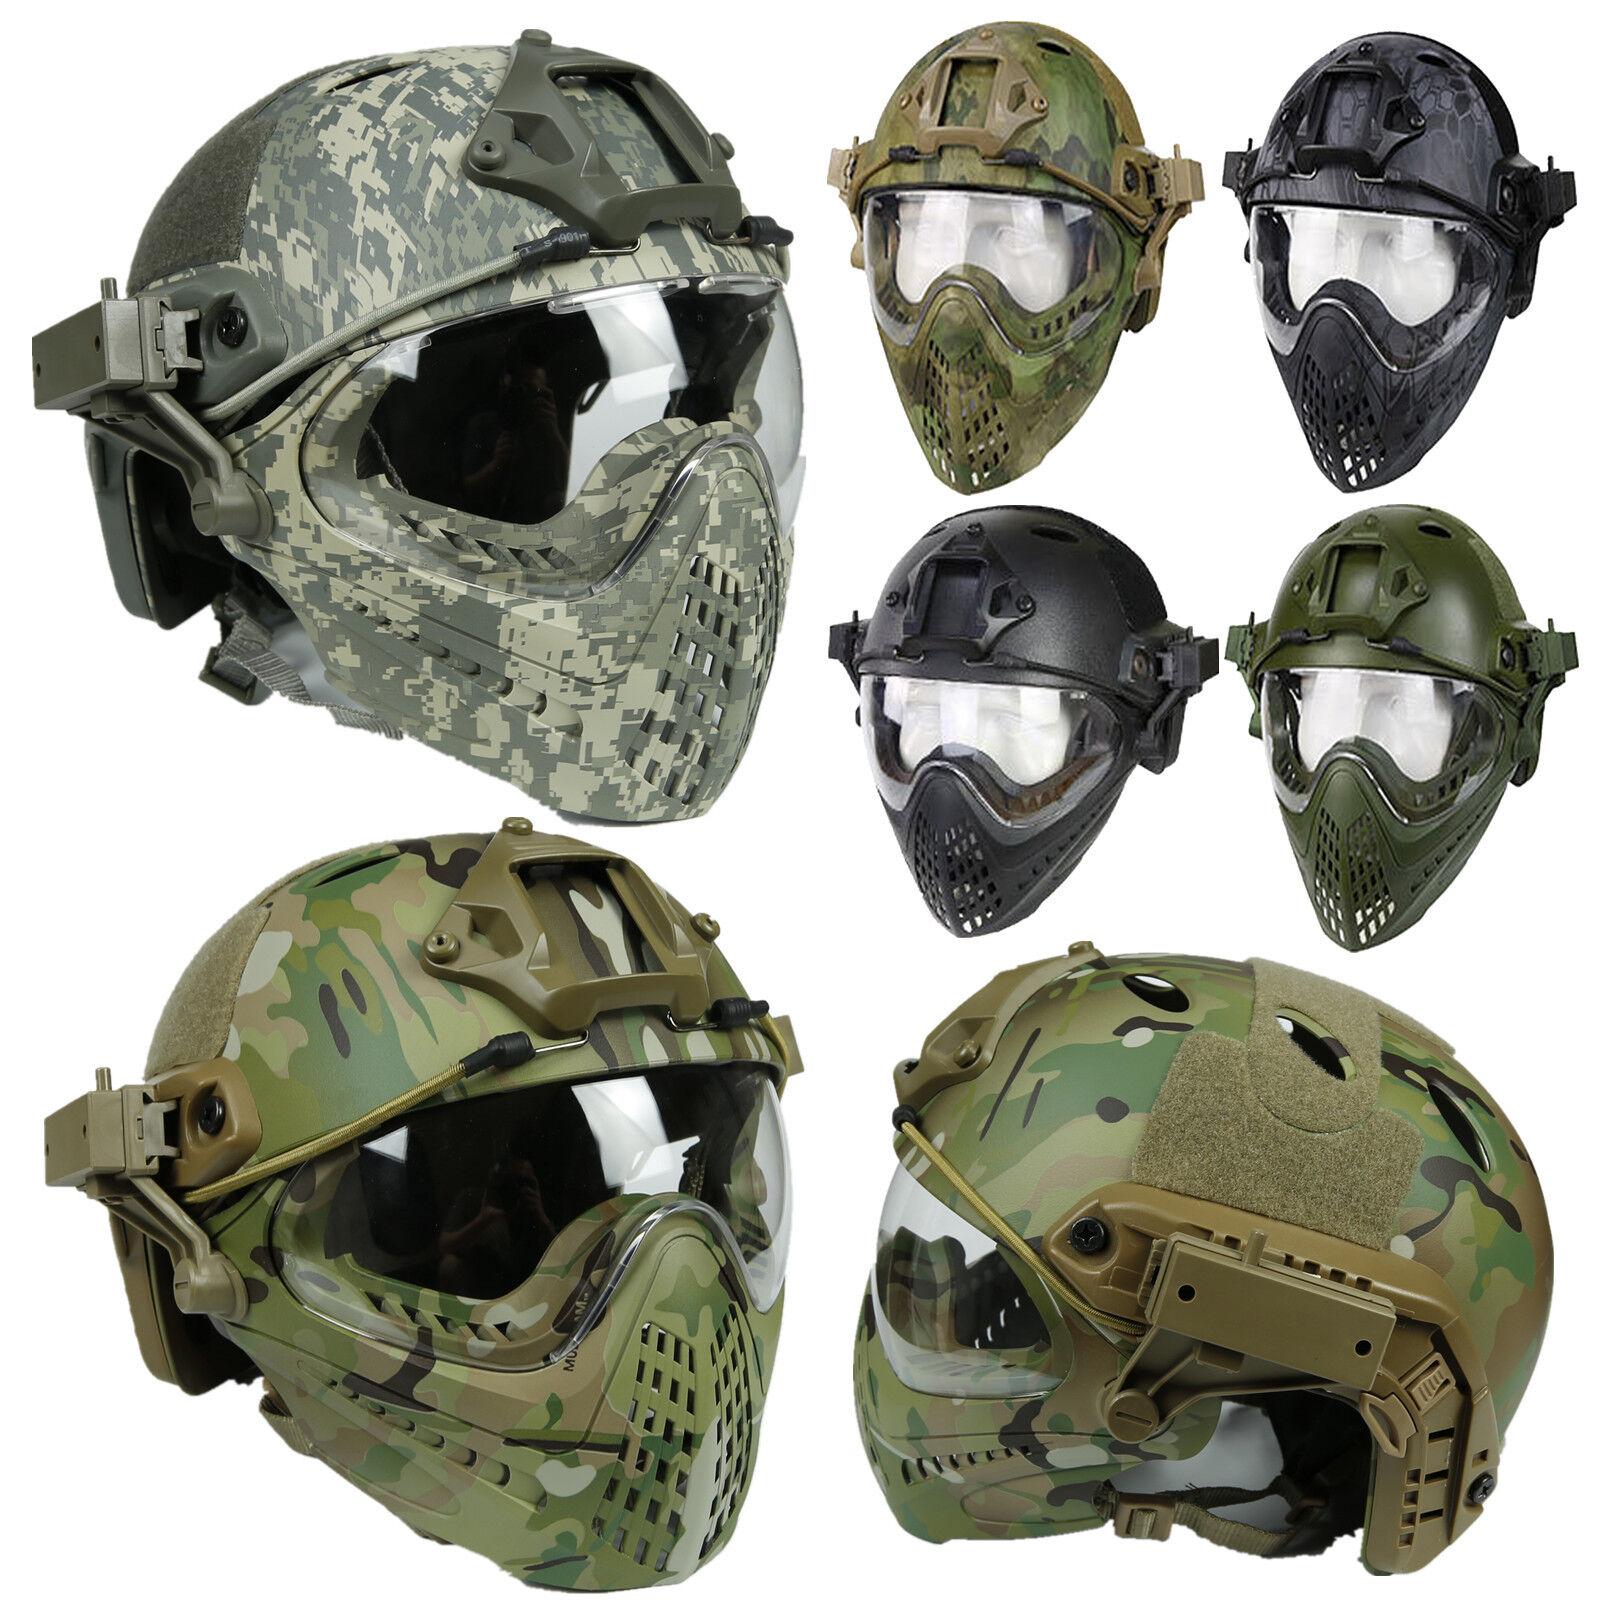 Casco rápido Projoectora Militar Táctico de Paintball Airsoft con lente de las gafas máscara y